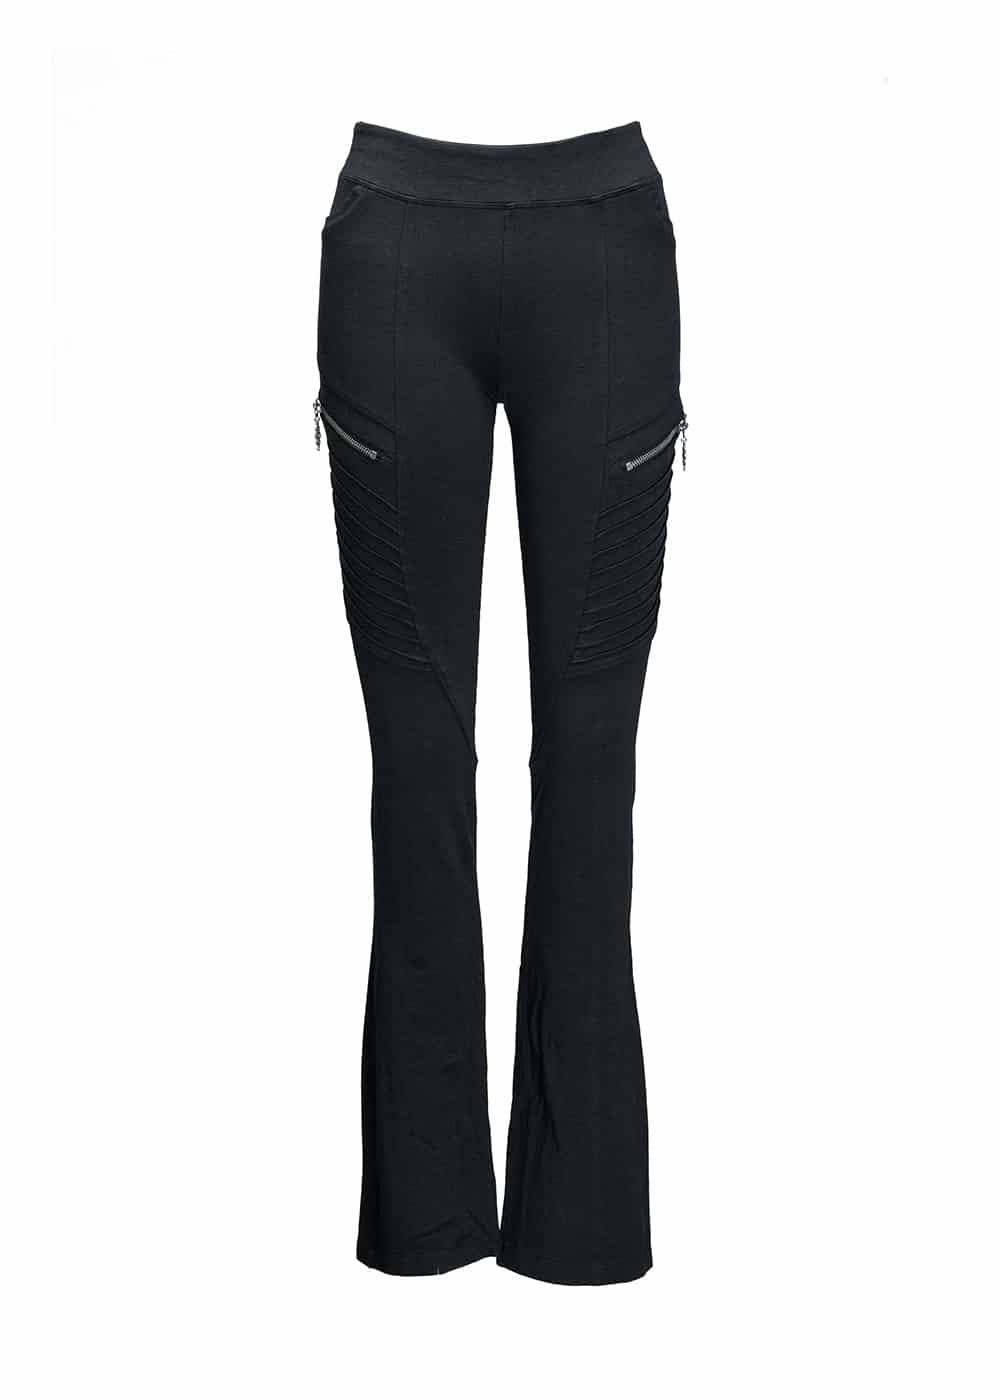 Nomads Hempwear Meander Pants